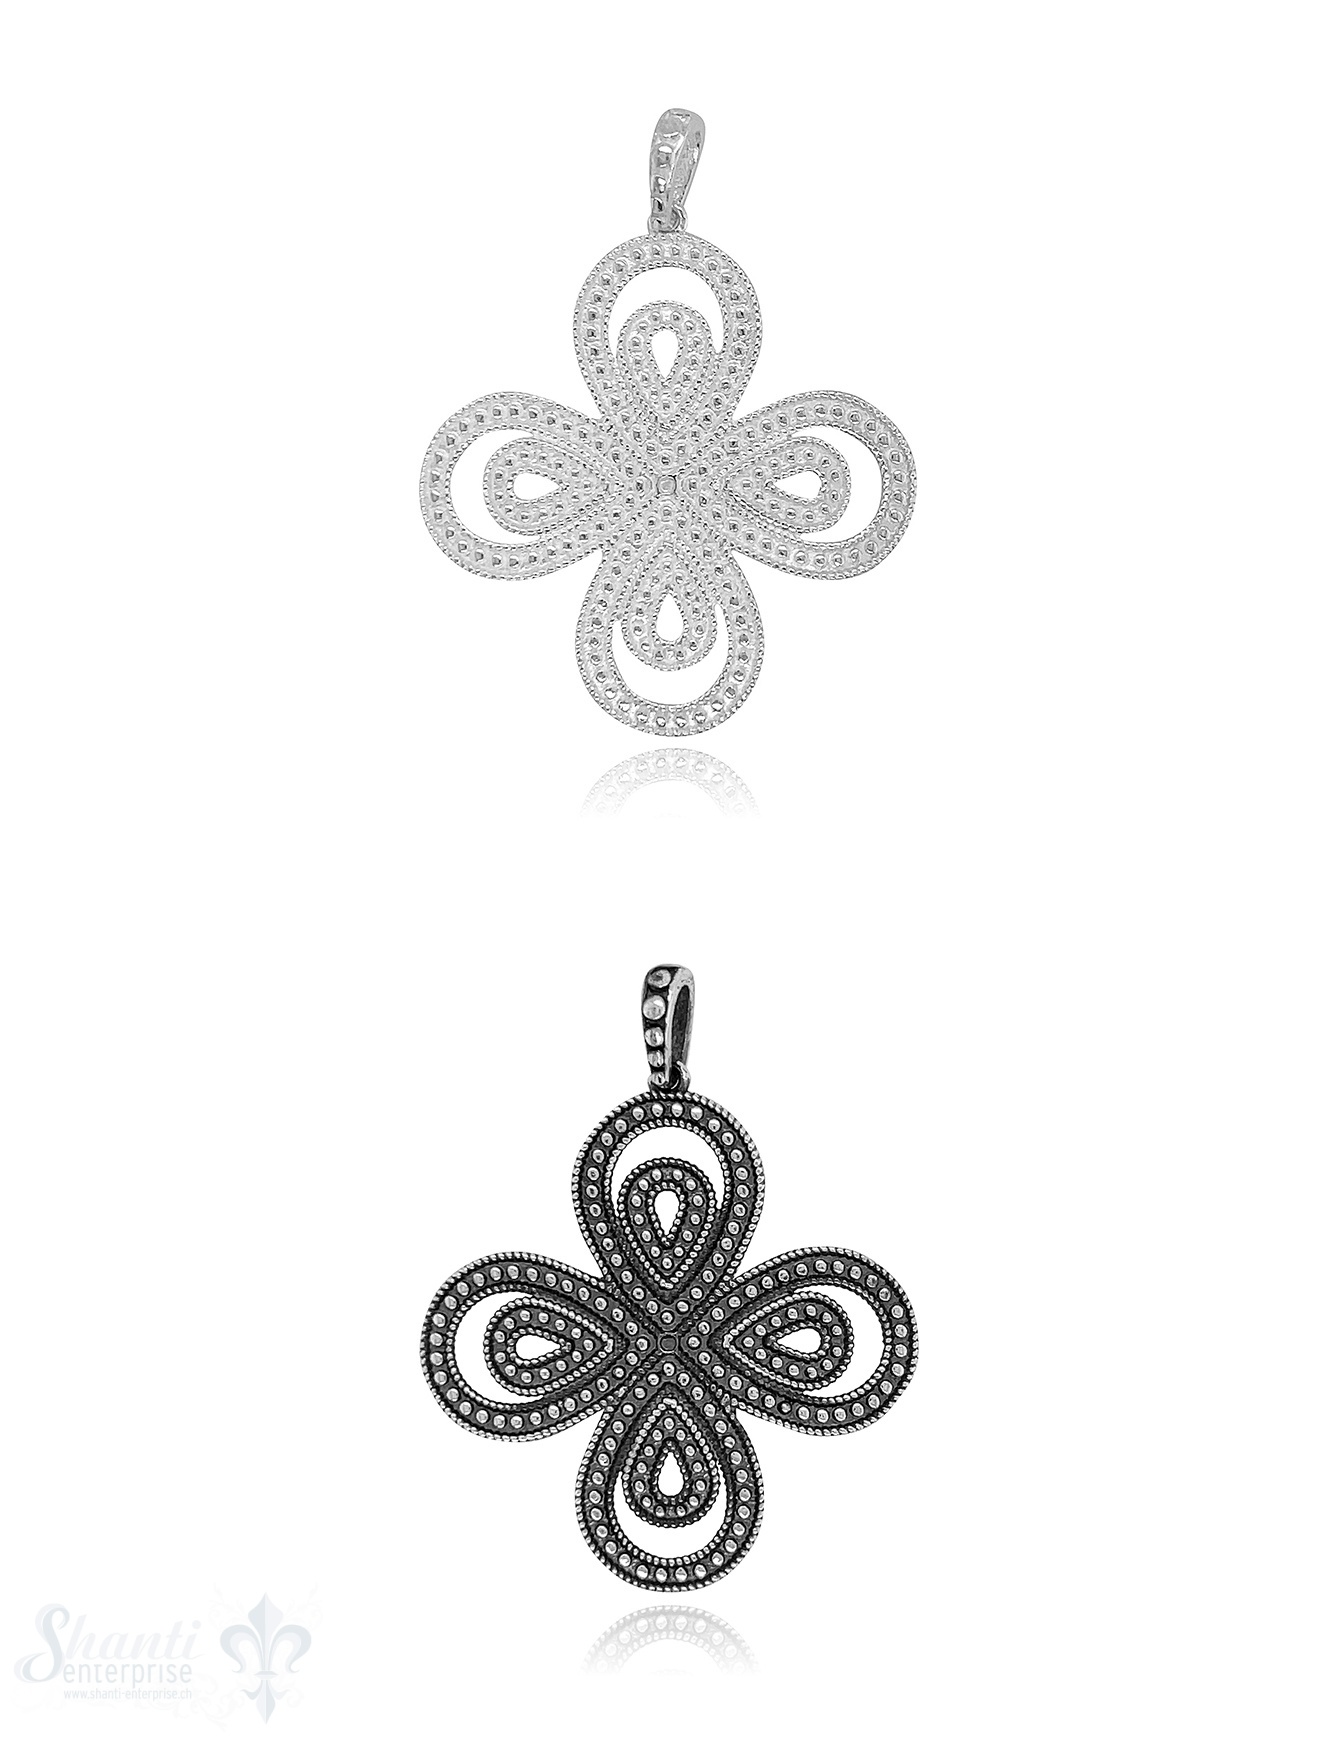 Blumen Amulett 32 mm doppelt vierblättrig Silber getupft mit getupfter Öse